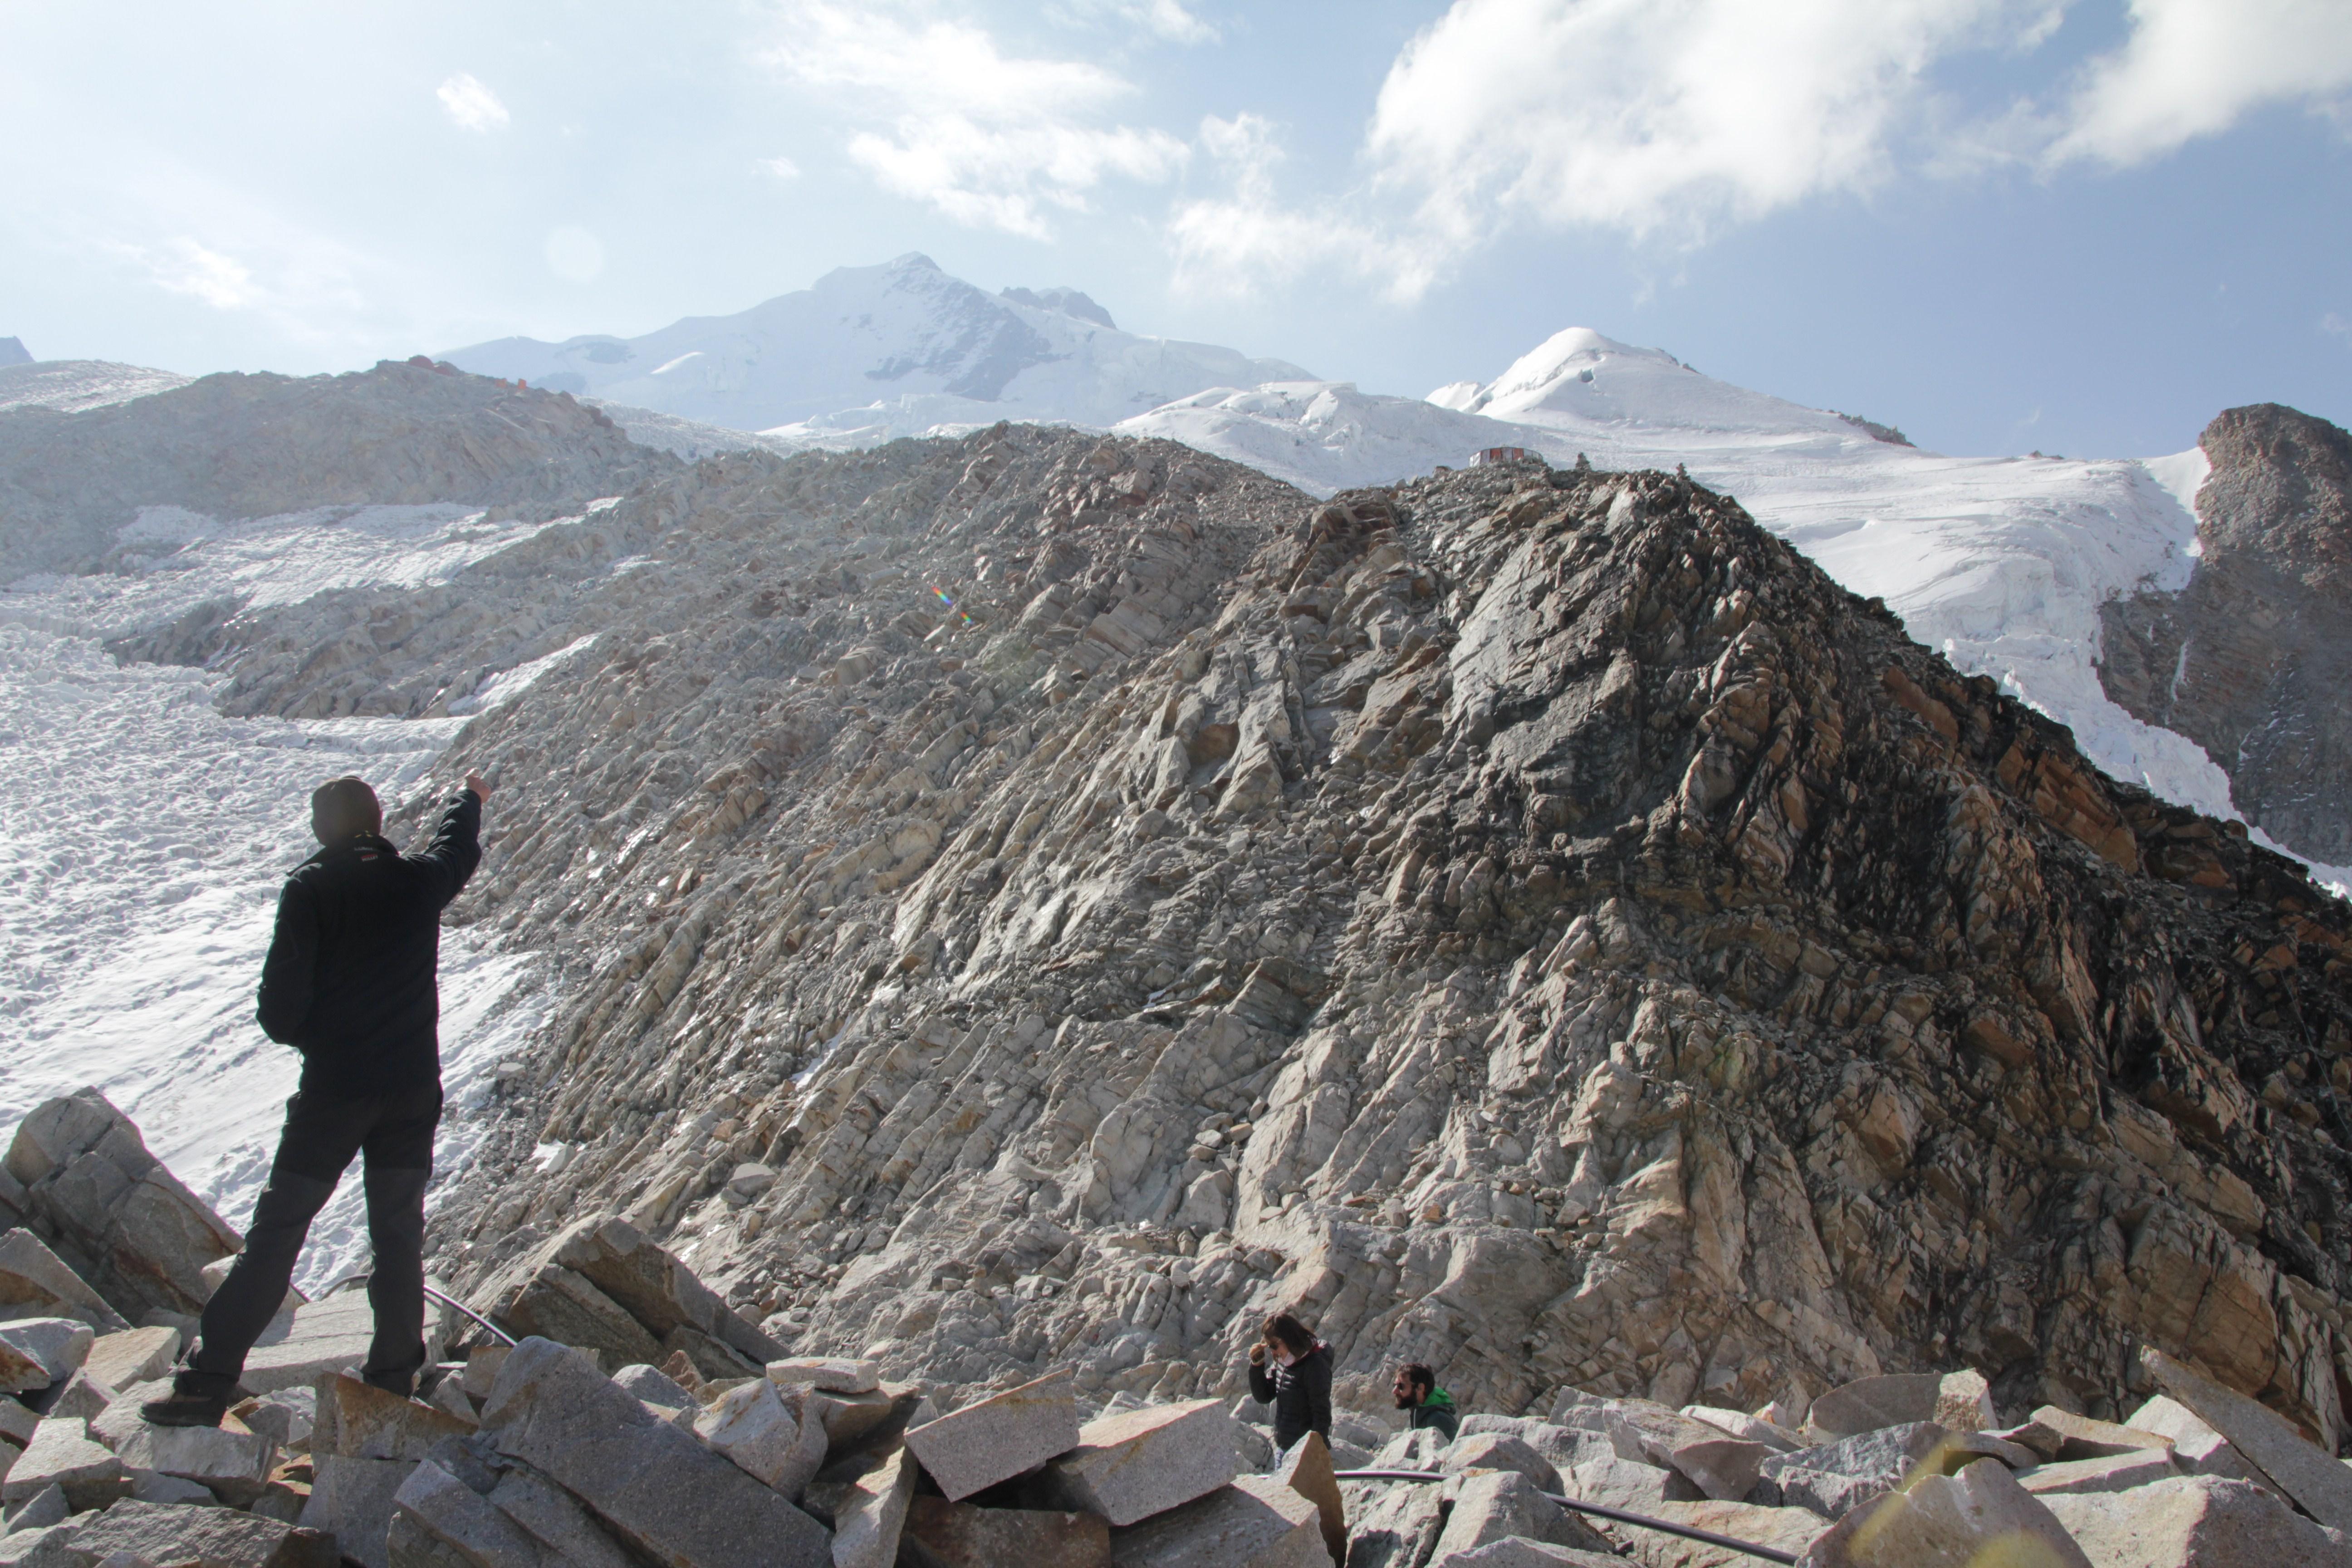 La vue depuis le même refuge. Le sommet, situé derrière, n'est pas encore visible (© Jérôme Decoster)